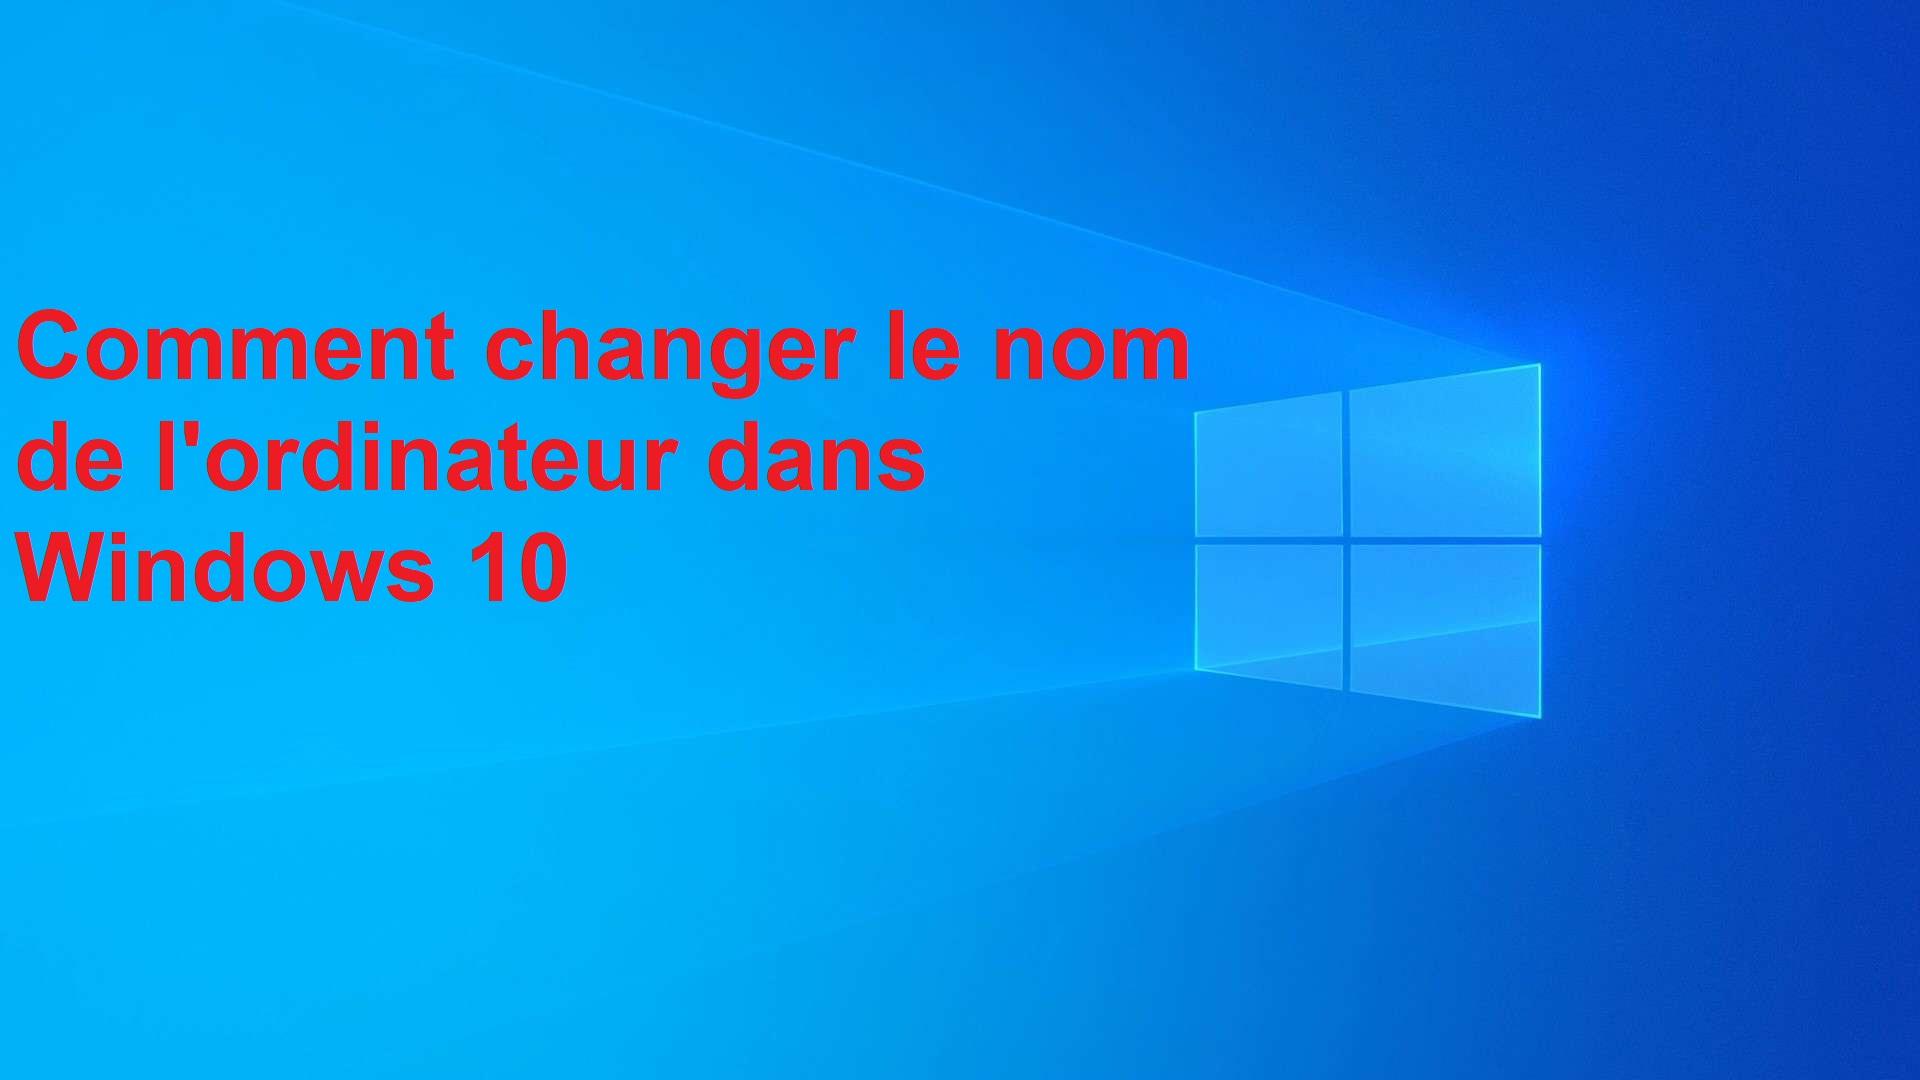 changer-le-nom-de-l'ordinateur-dans-Windows-10-